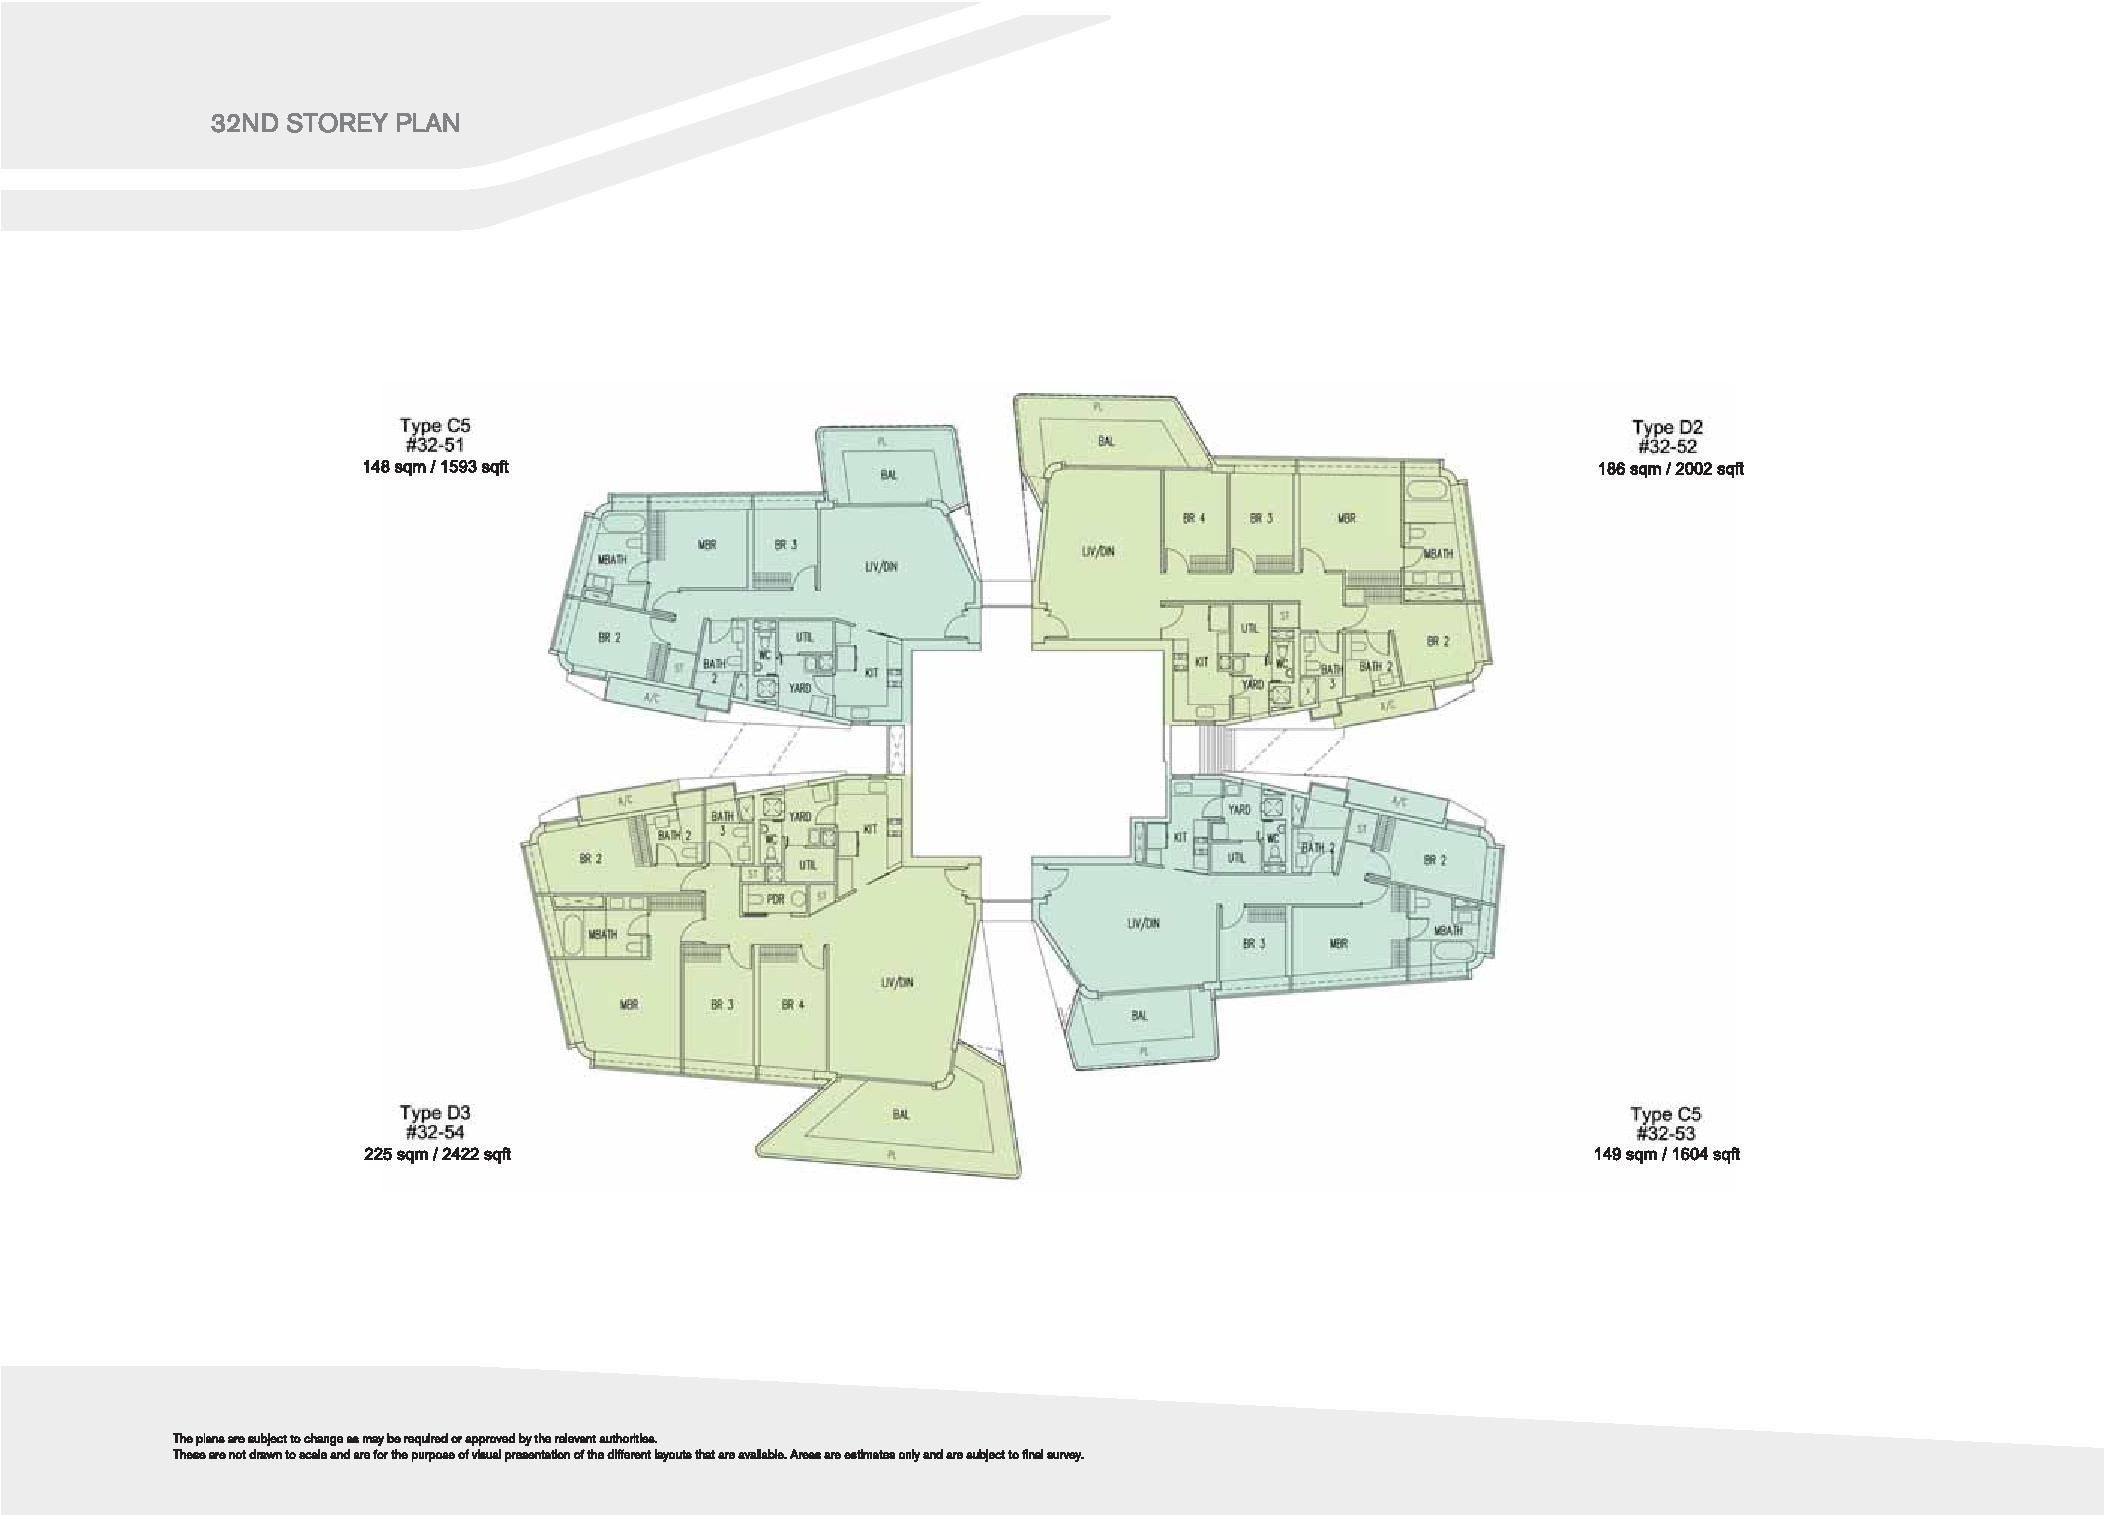 D'Leedon Block 15 32nd Storey Floor Plans